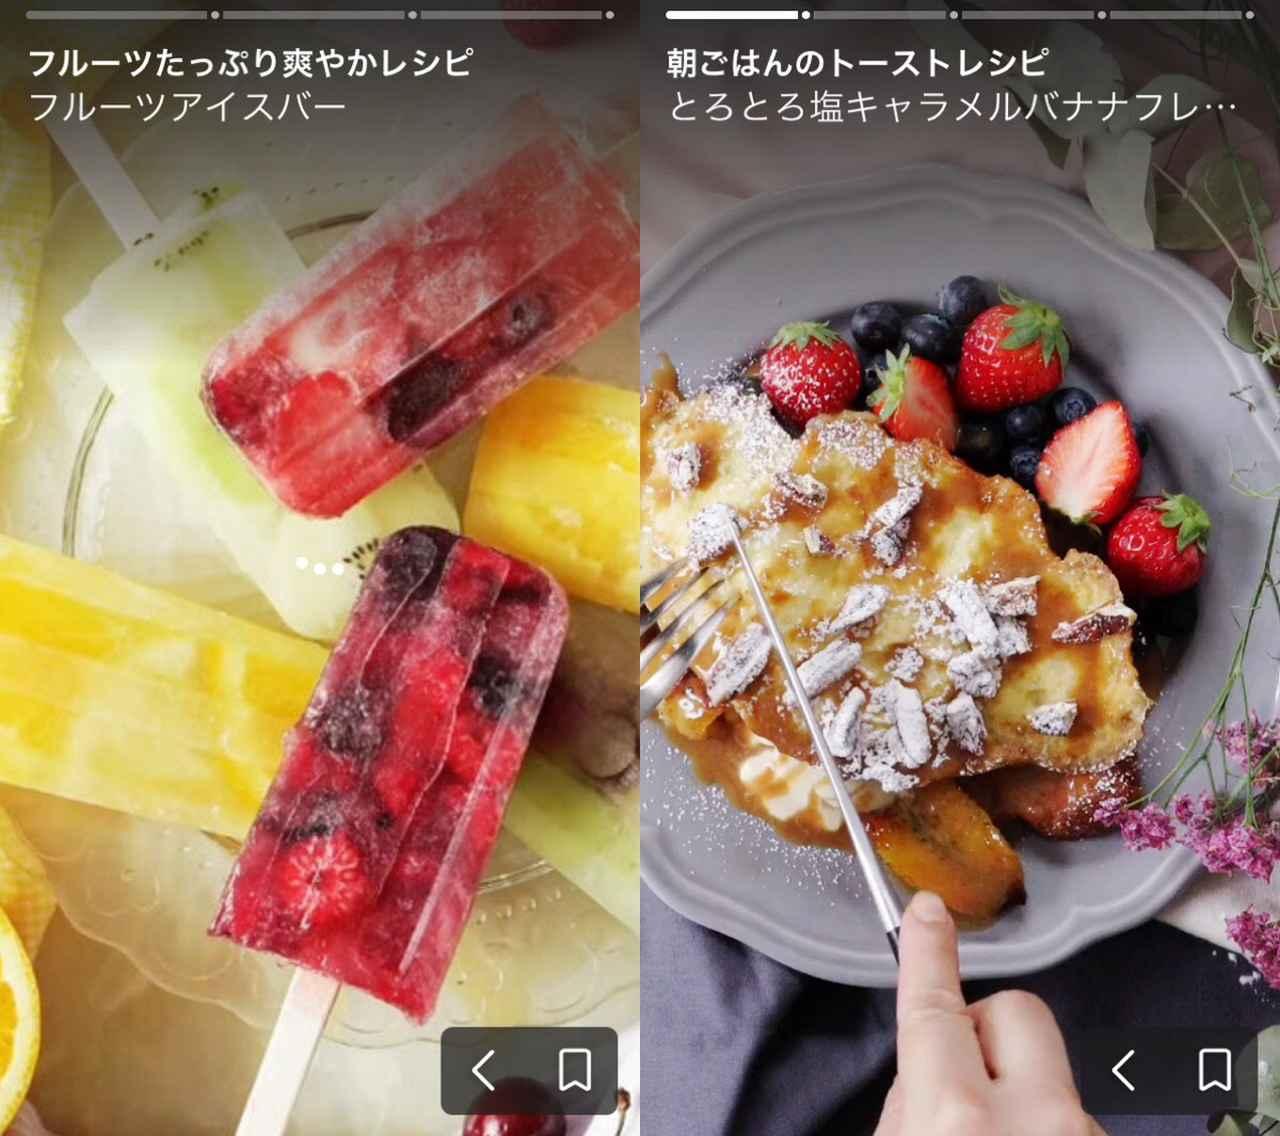 画像2: 可愛い!おしゃれ!インスタ映えレシピ動画満載!